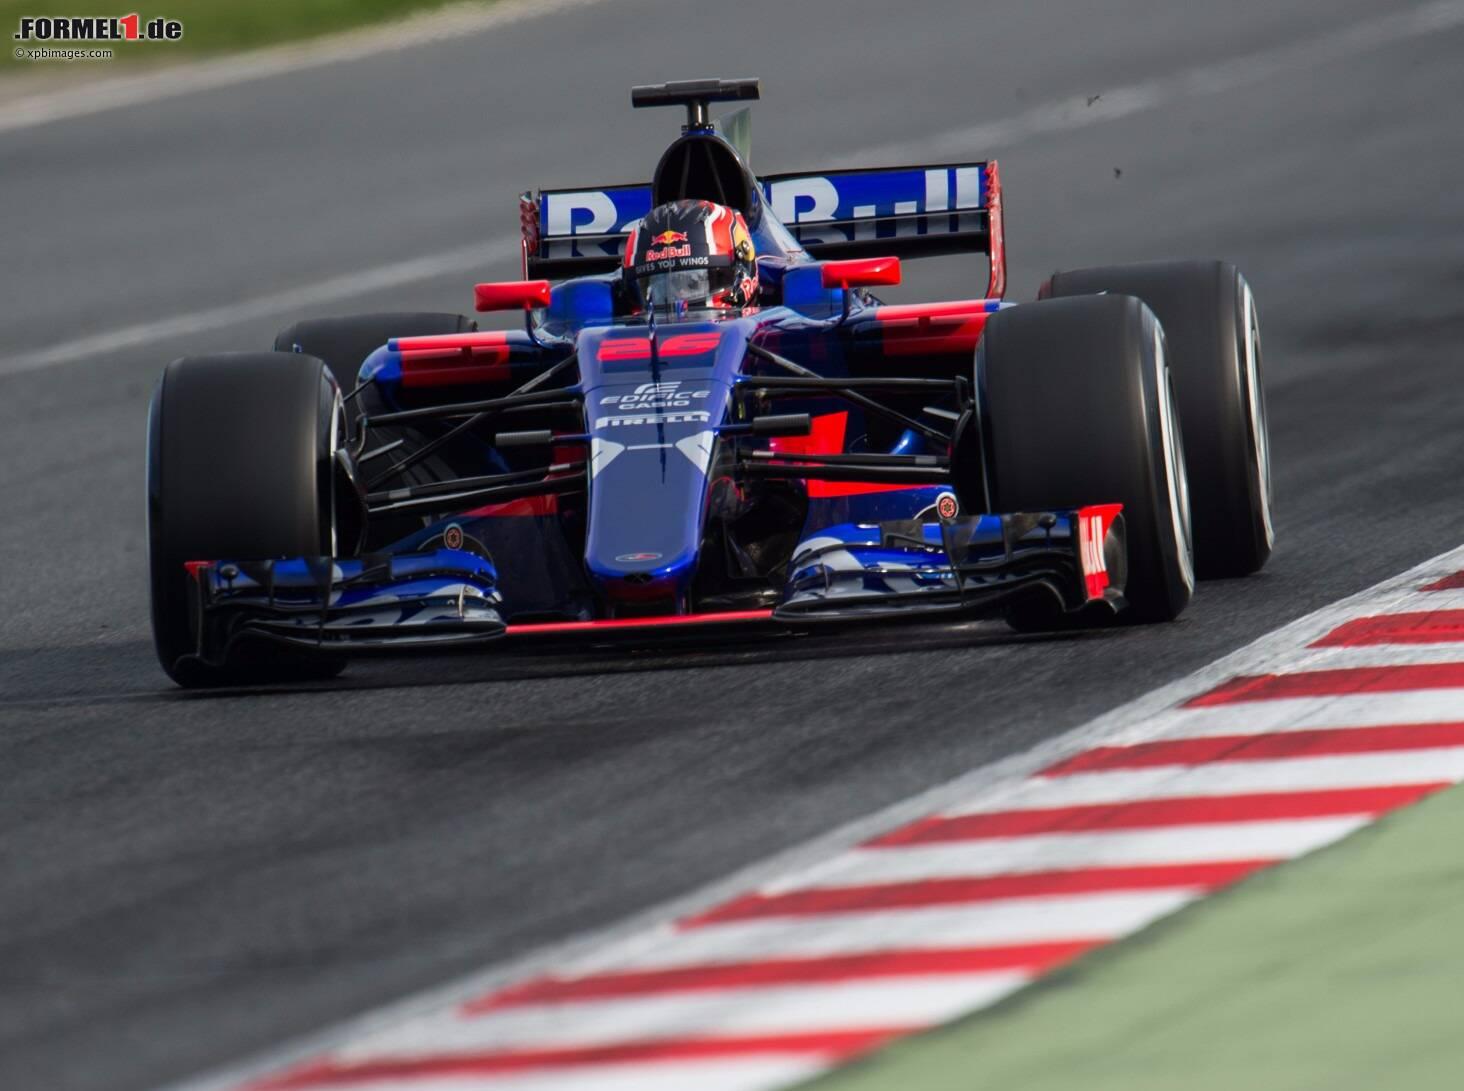 Neue Formel 1 Teams